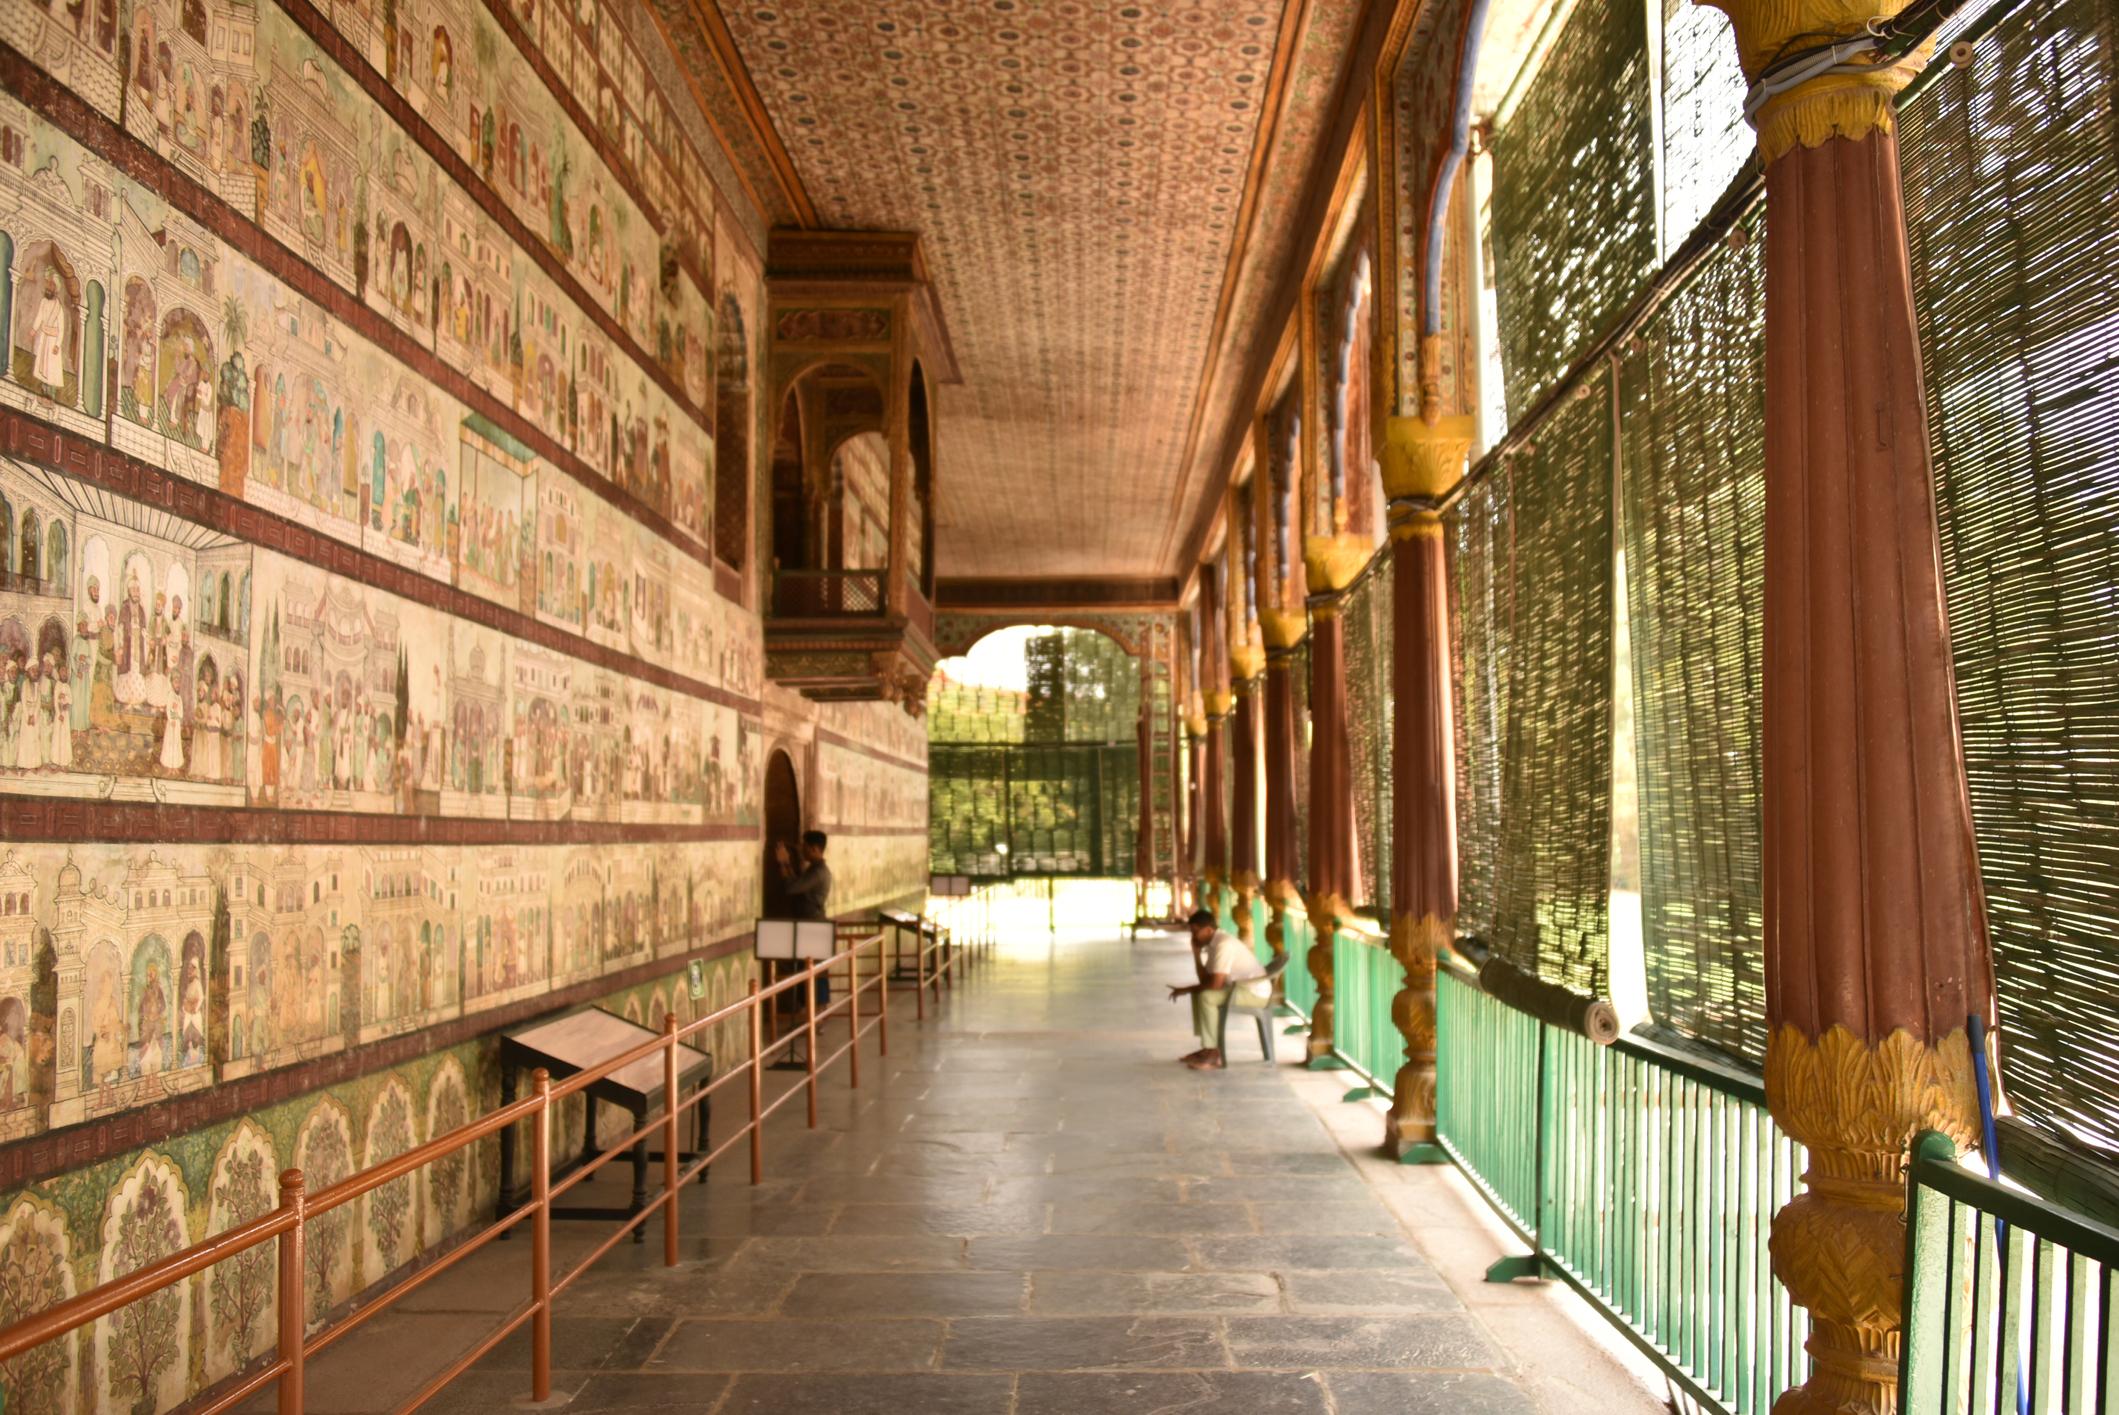 Tipu Sultan's summer palace, Daria Daulat Bagh, in Srirangapatna, Karnataka